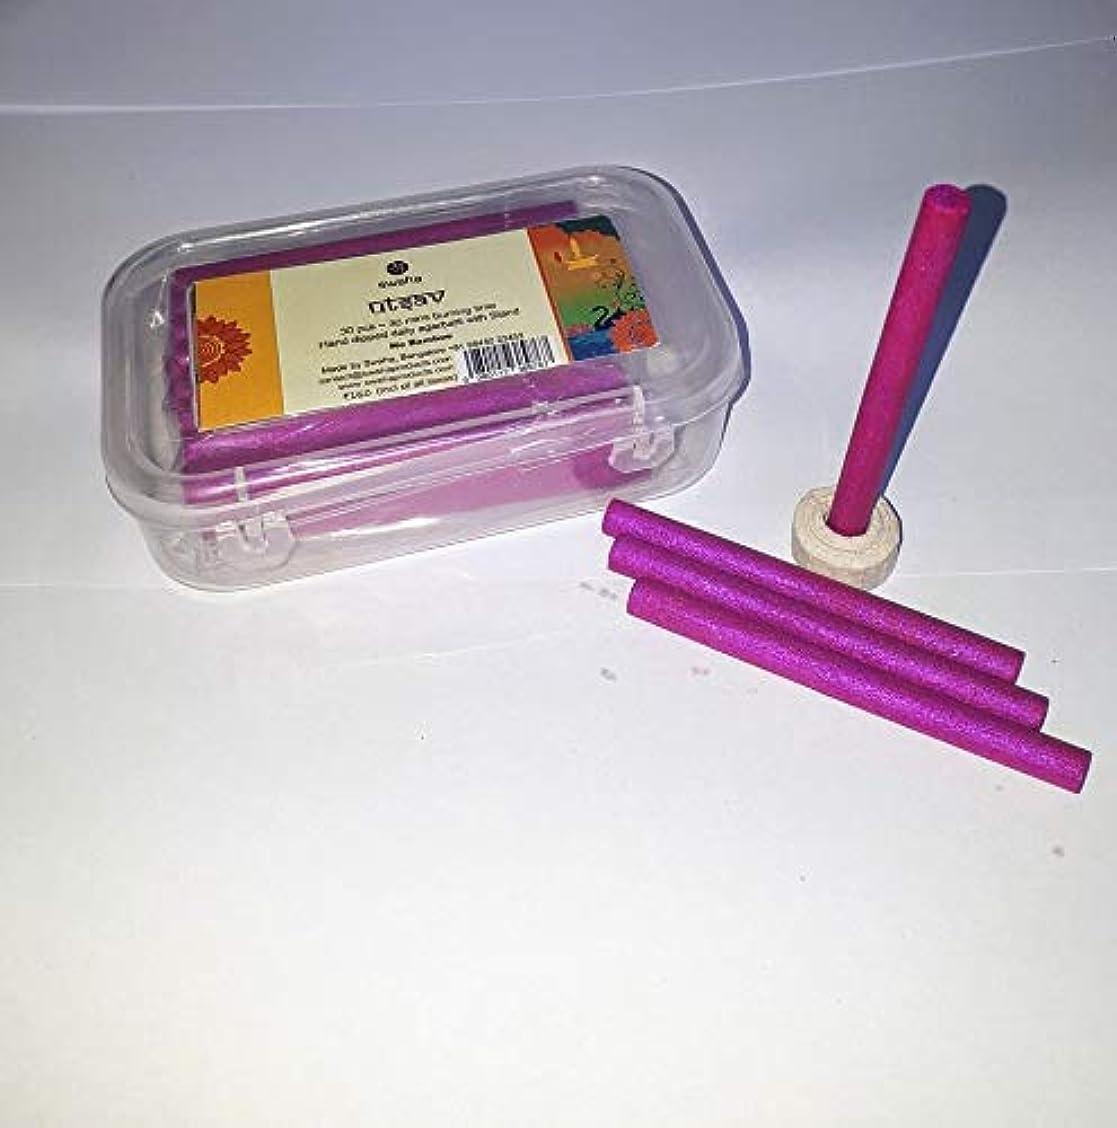 ベンチャーエイリアン慈悲深いSwaha Utsav Cylindrical Incense Sticks (7.5 cm x 1 cm x 1 cm, Pink, Set of 30)